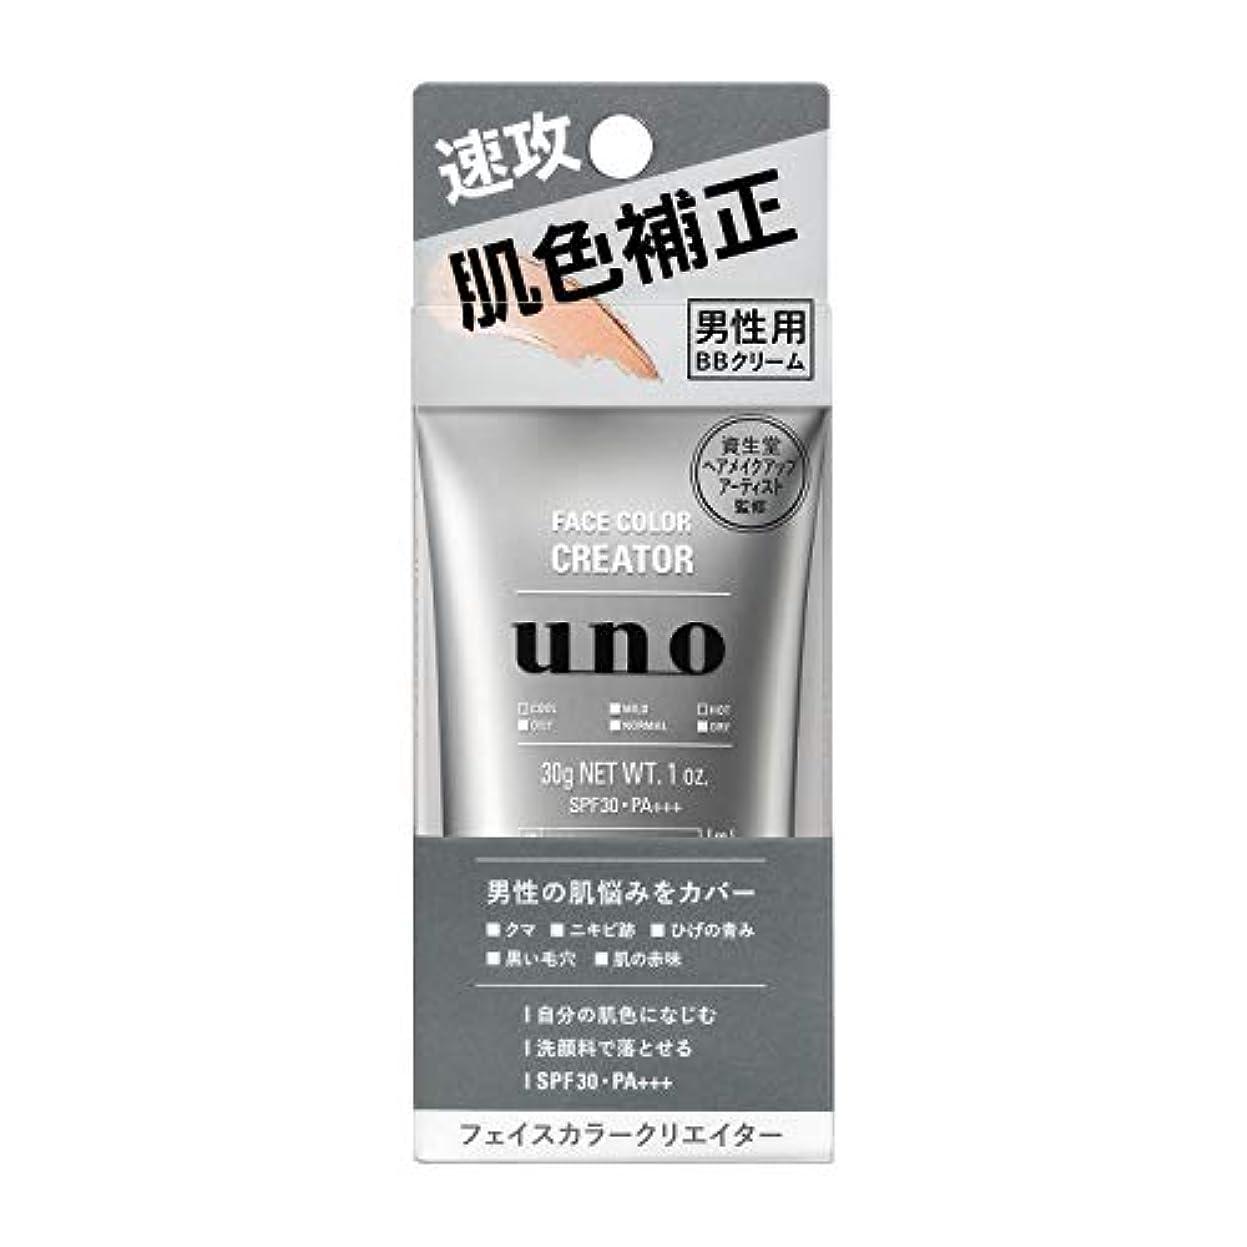 中央値エレクトロニック告発者UNO(ウーノ)フェイスカラークリエイター BBクリーム メンズ SPF30 PA+++ 30g